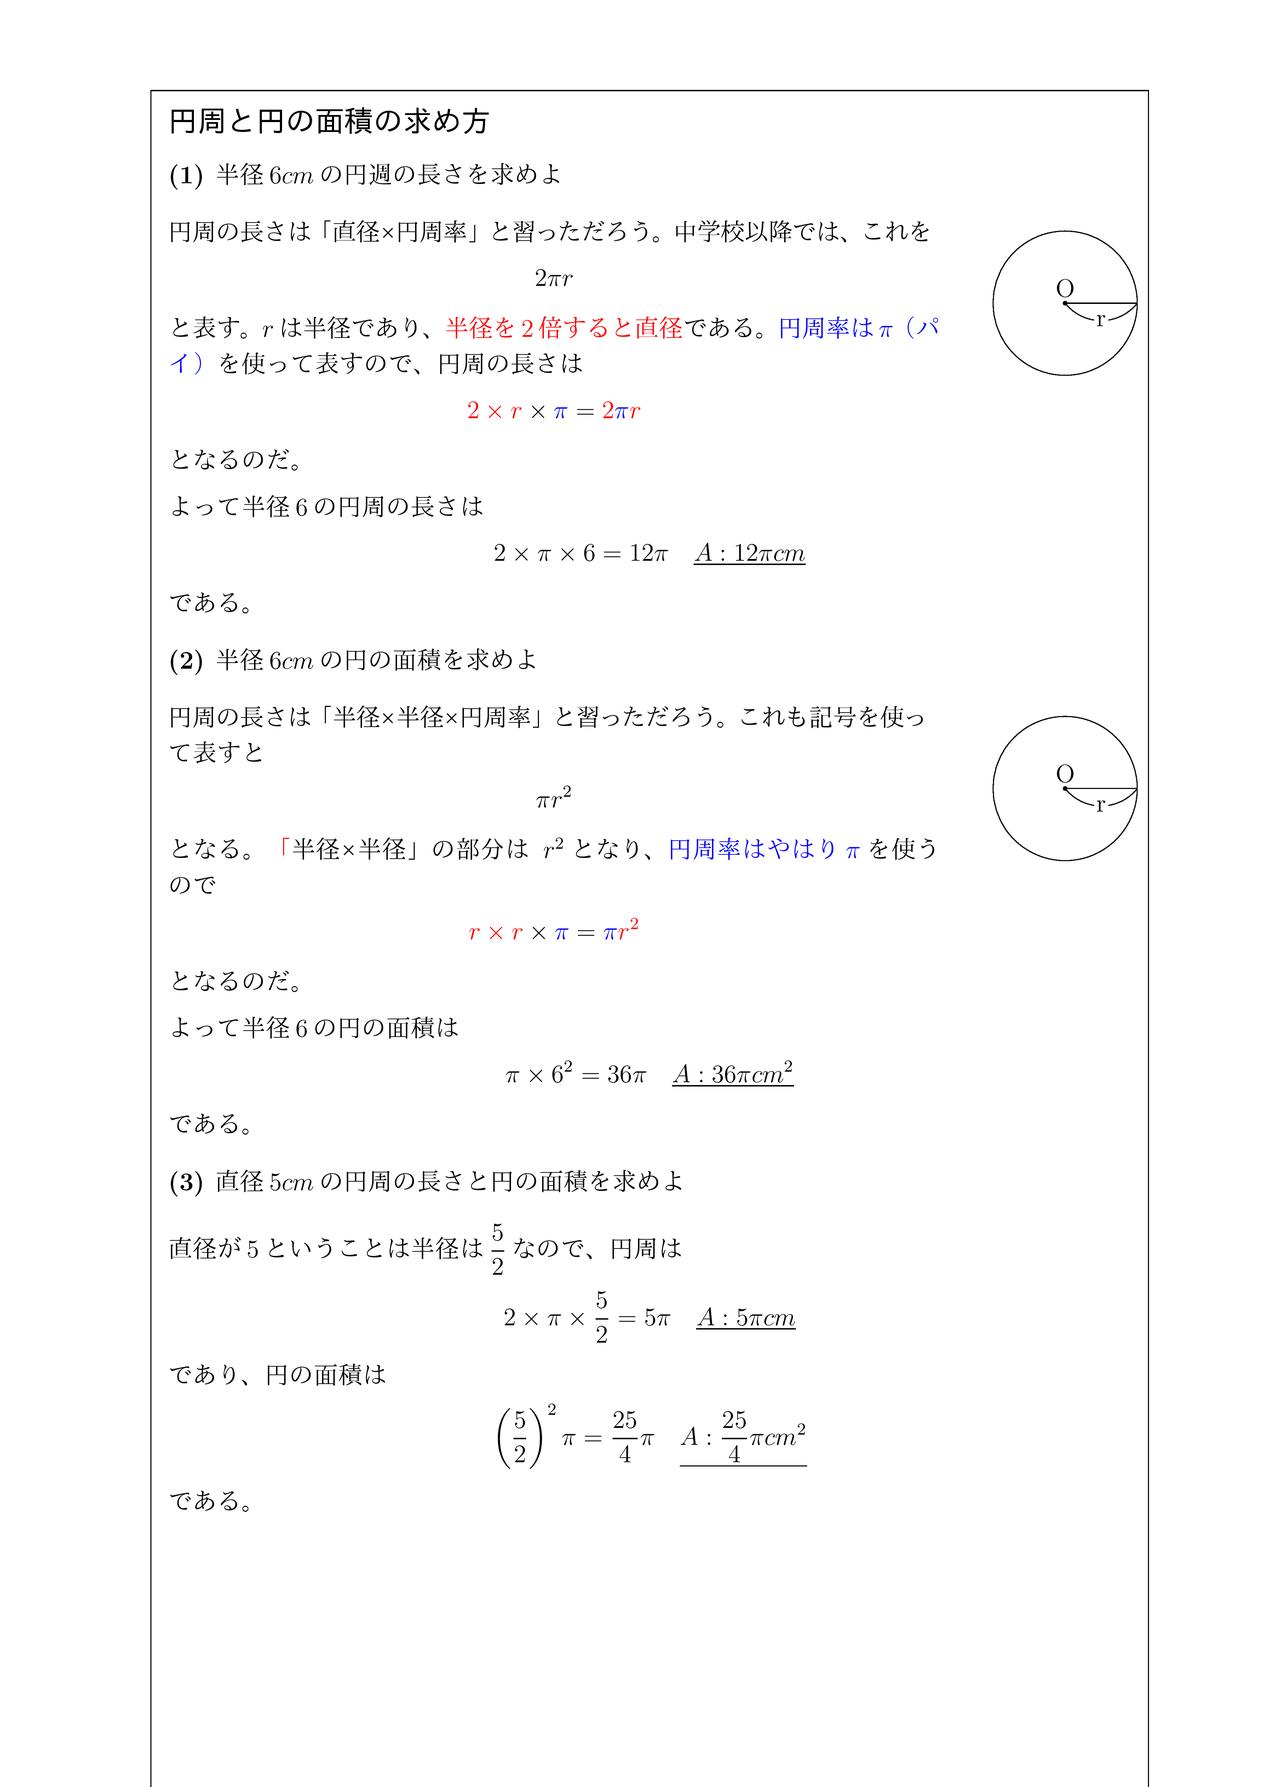 円周と円の面積の求め方